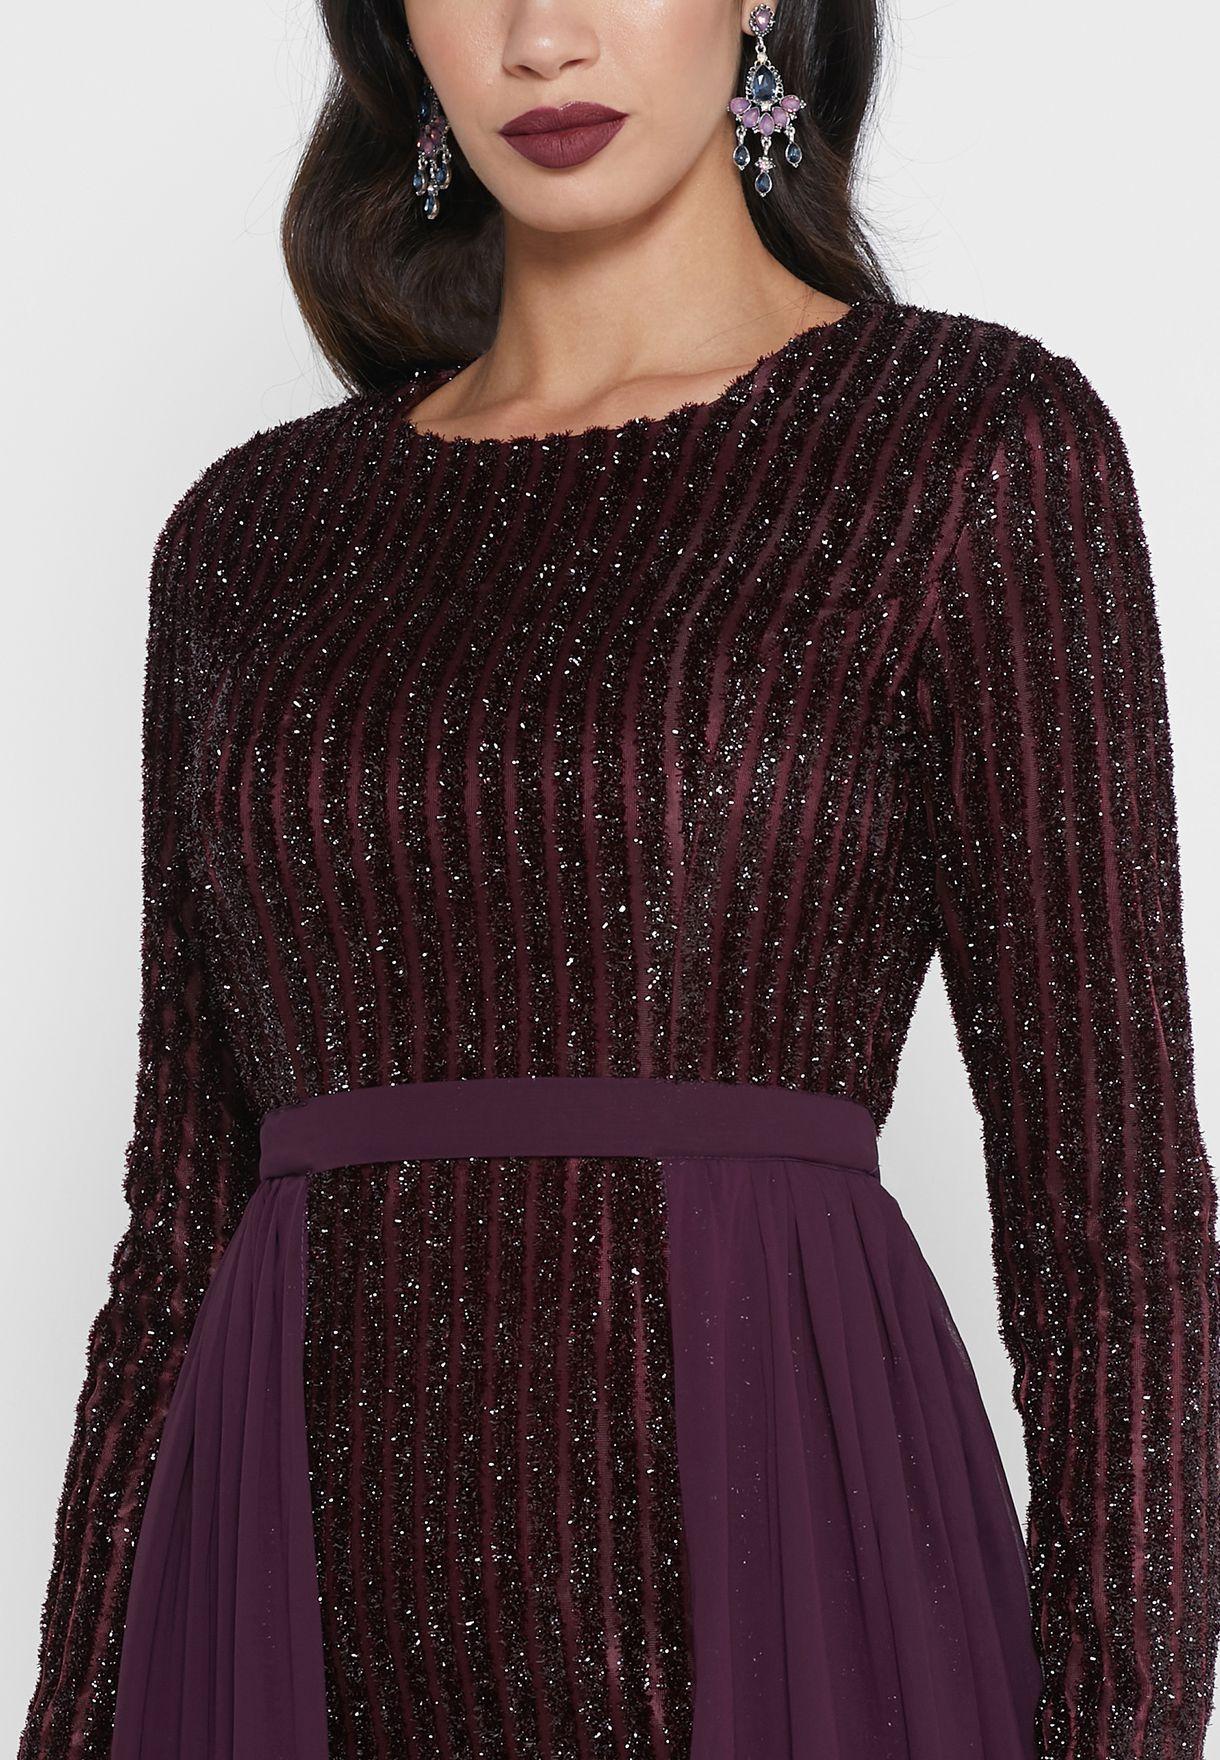 فستان ماكسي بطبقة شفافة